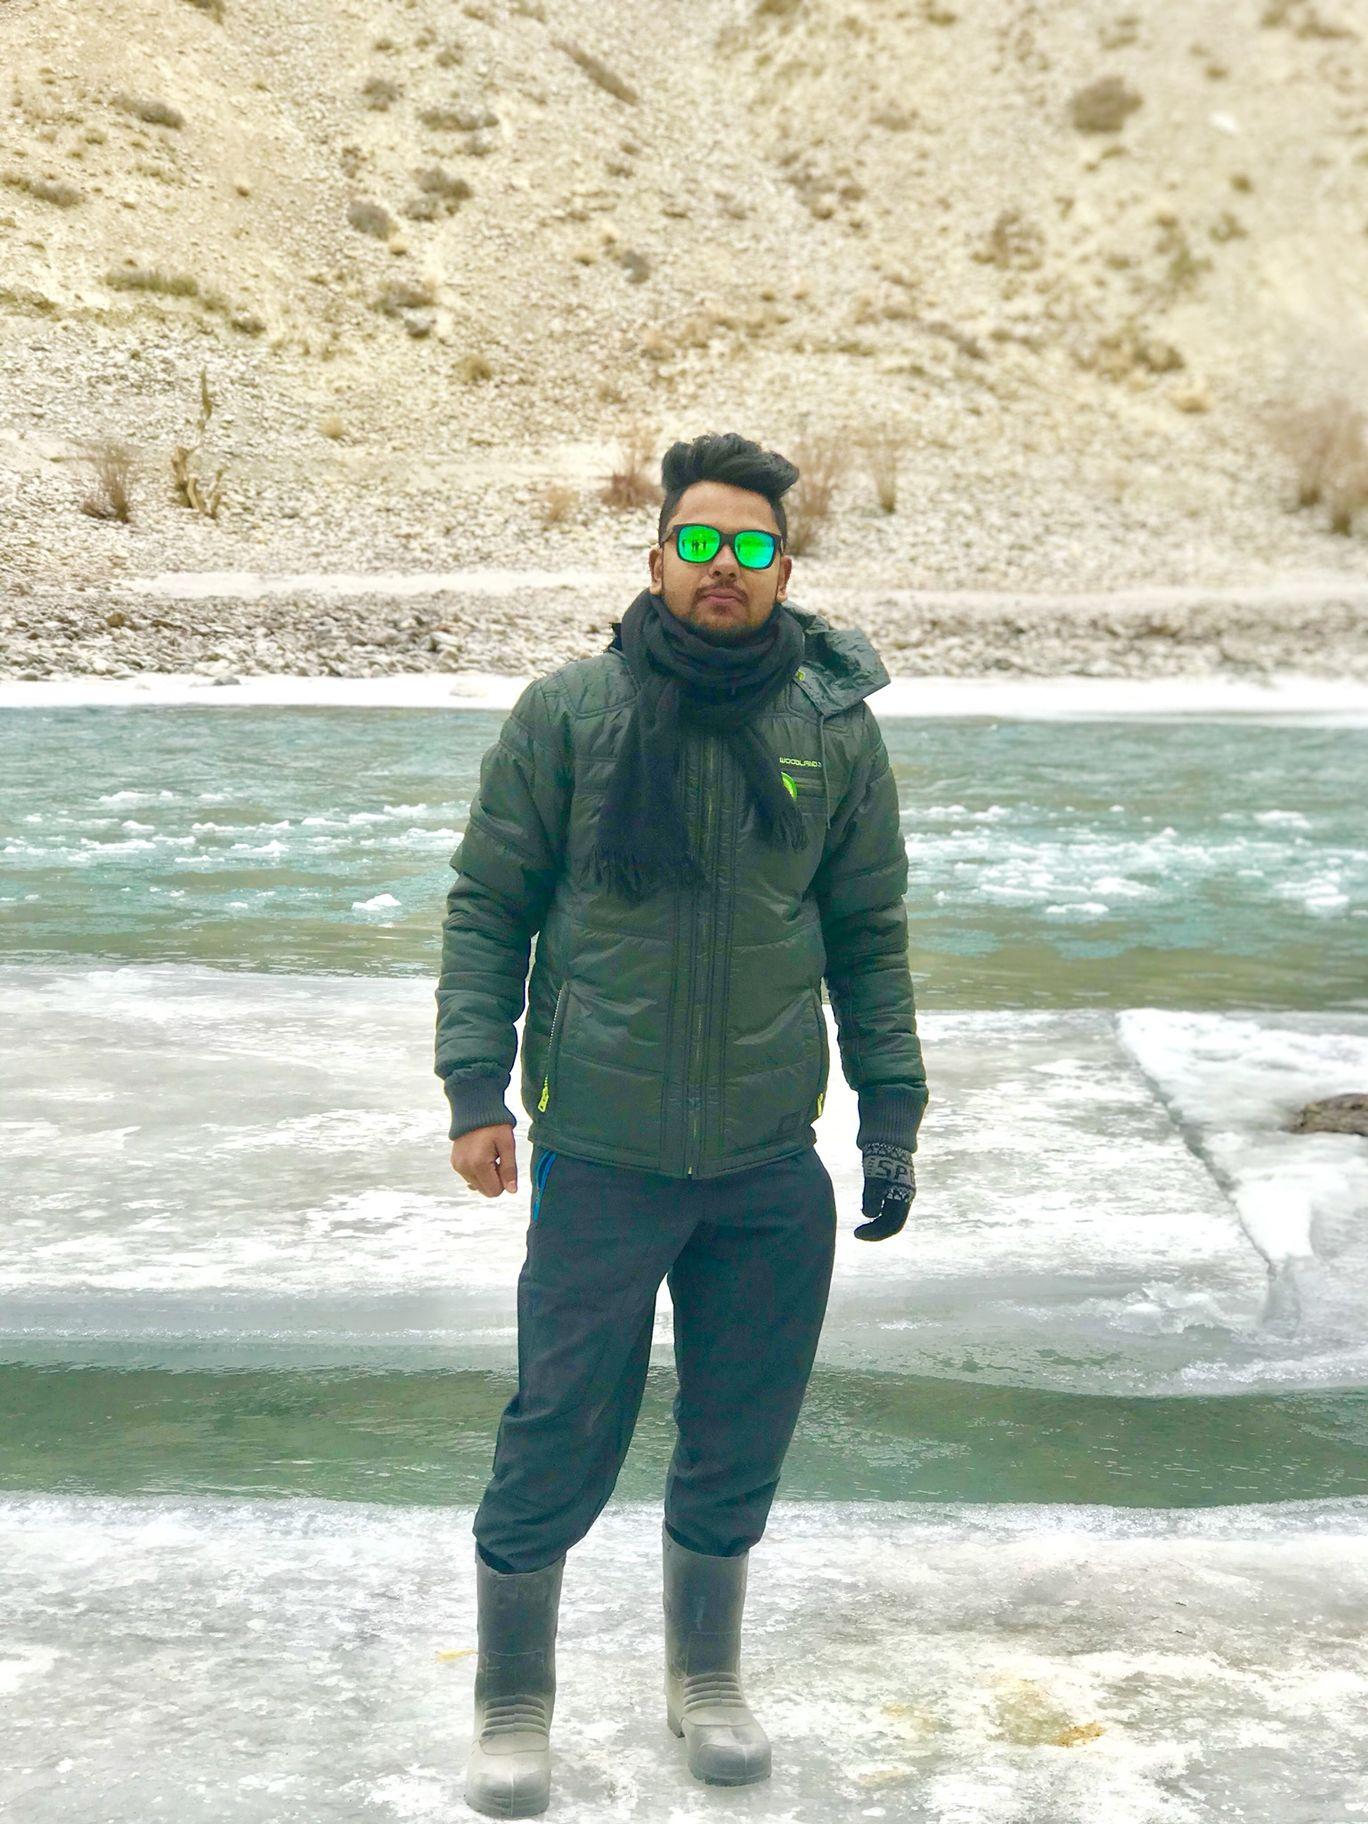 Photo of Chadar trek - Trekking In Ladakh - Frozen River Trekking In Ladakh By Amit Shaw